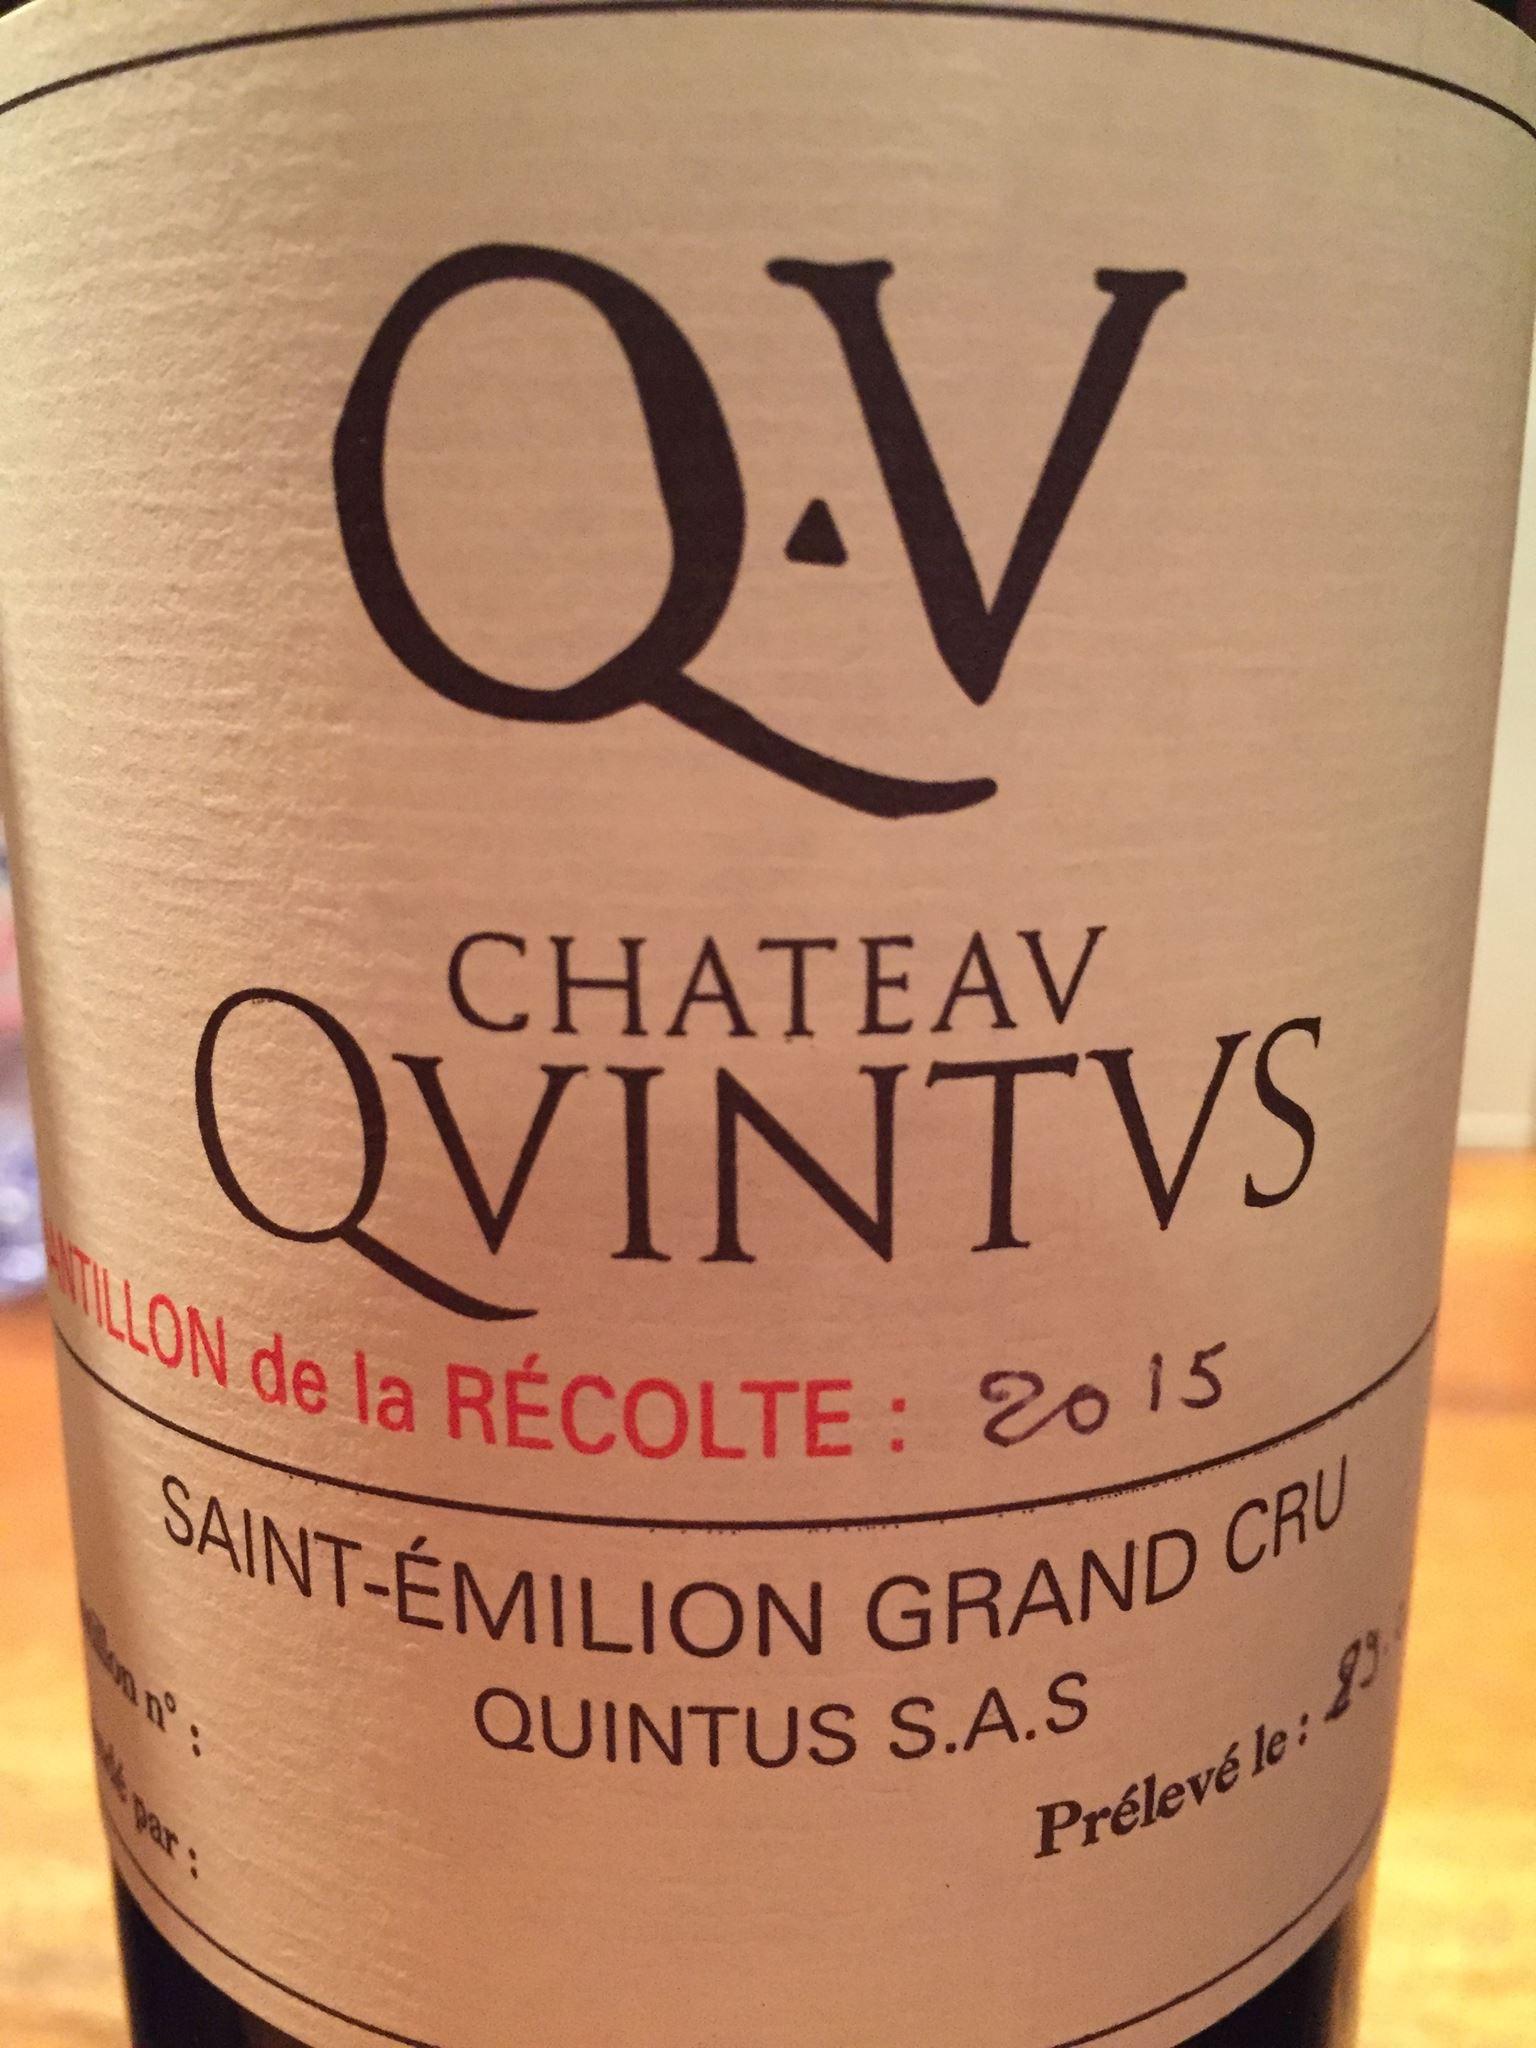 Château Quintus 2015 – Saint-Emilion Grand Cru Classé